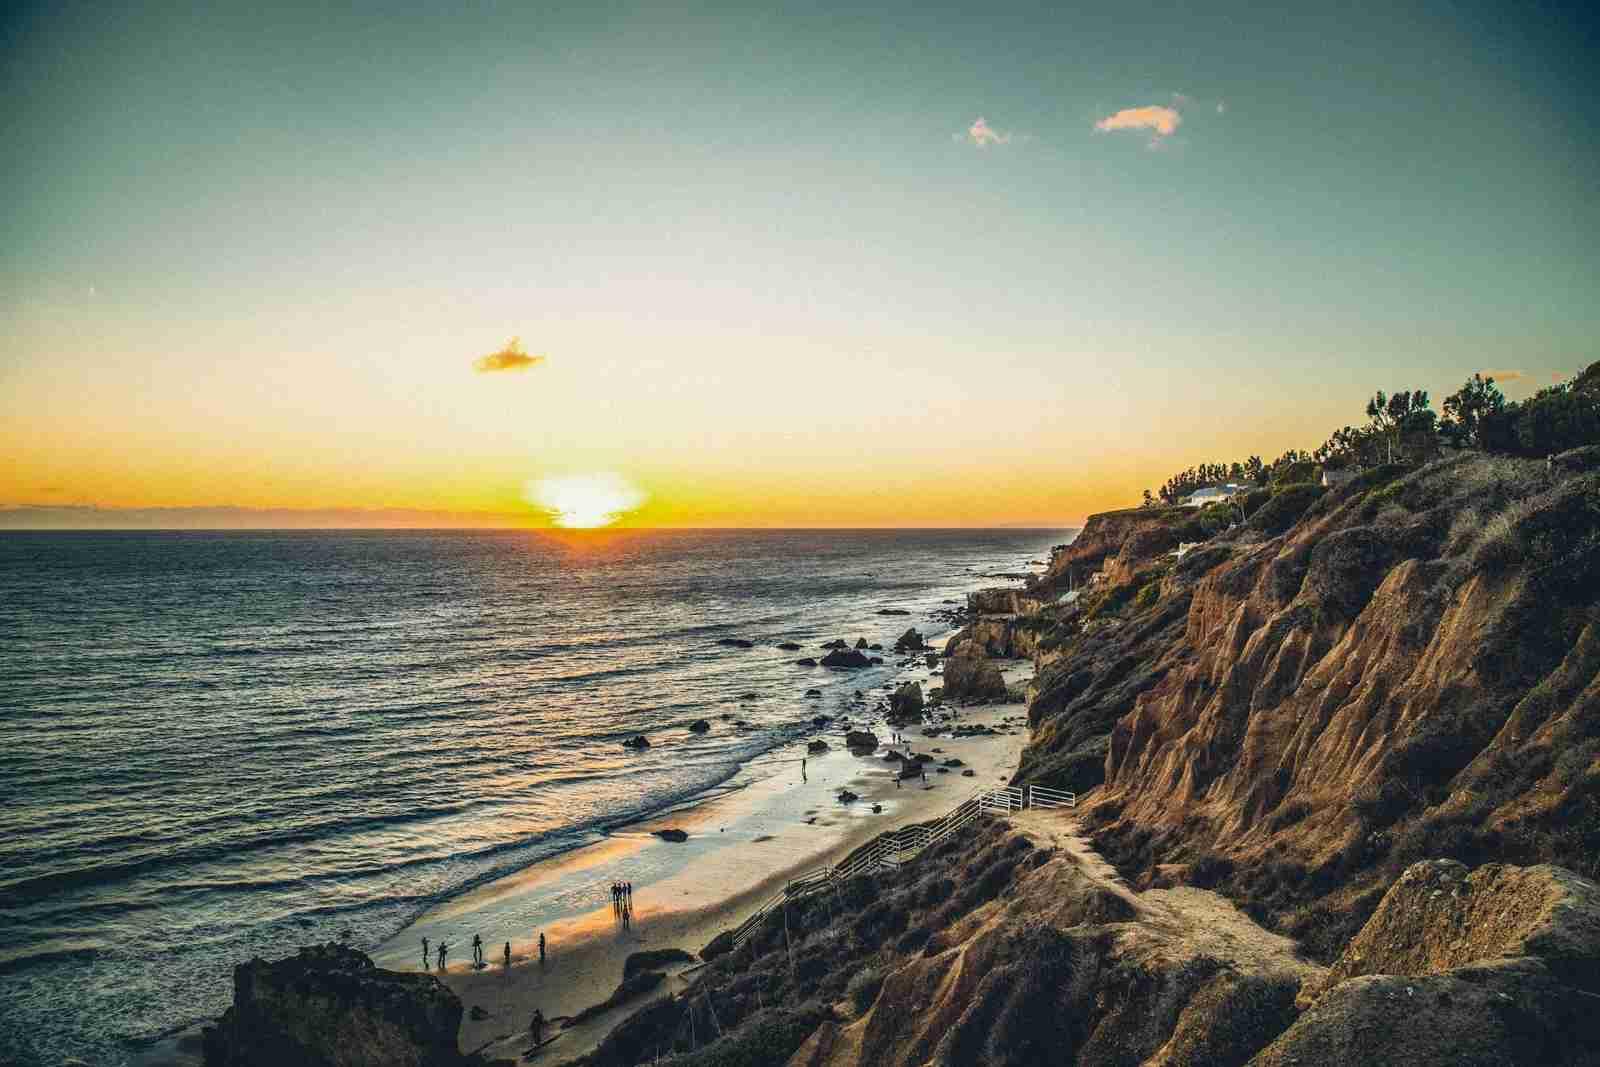 El Matador State Beach in Malibu. (Photo by Changseop Lee/EyeEm/Getty Images)